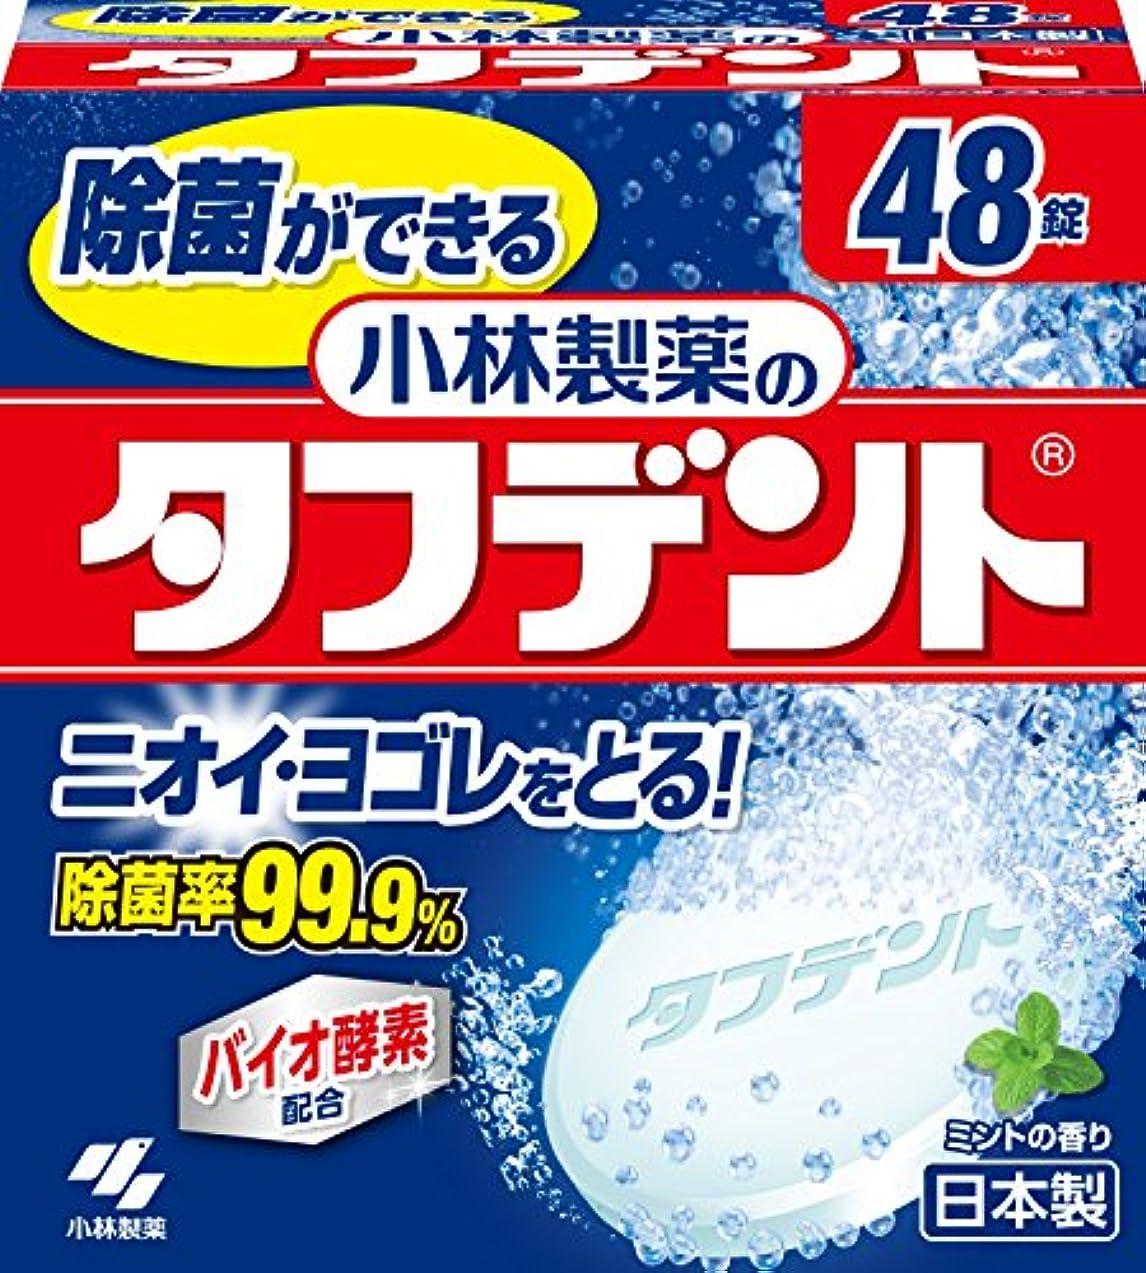 放棄された郵便屋さんロック解除小林製薬のタフデント 入れ歯用洗浄剤 ミントの香り 48錠